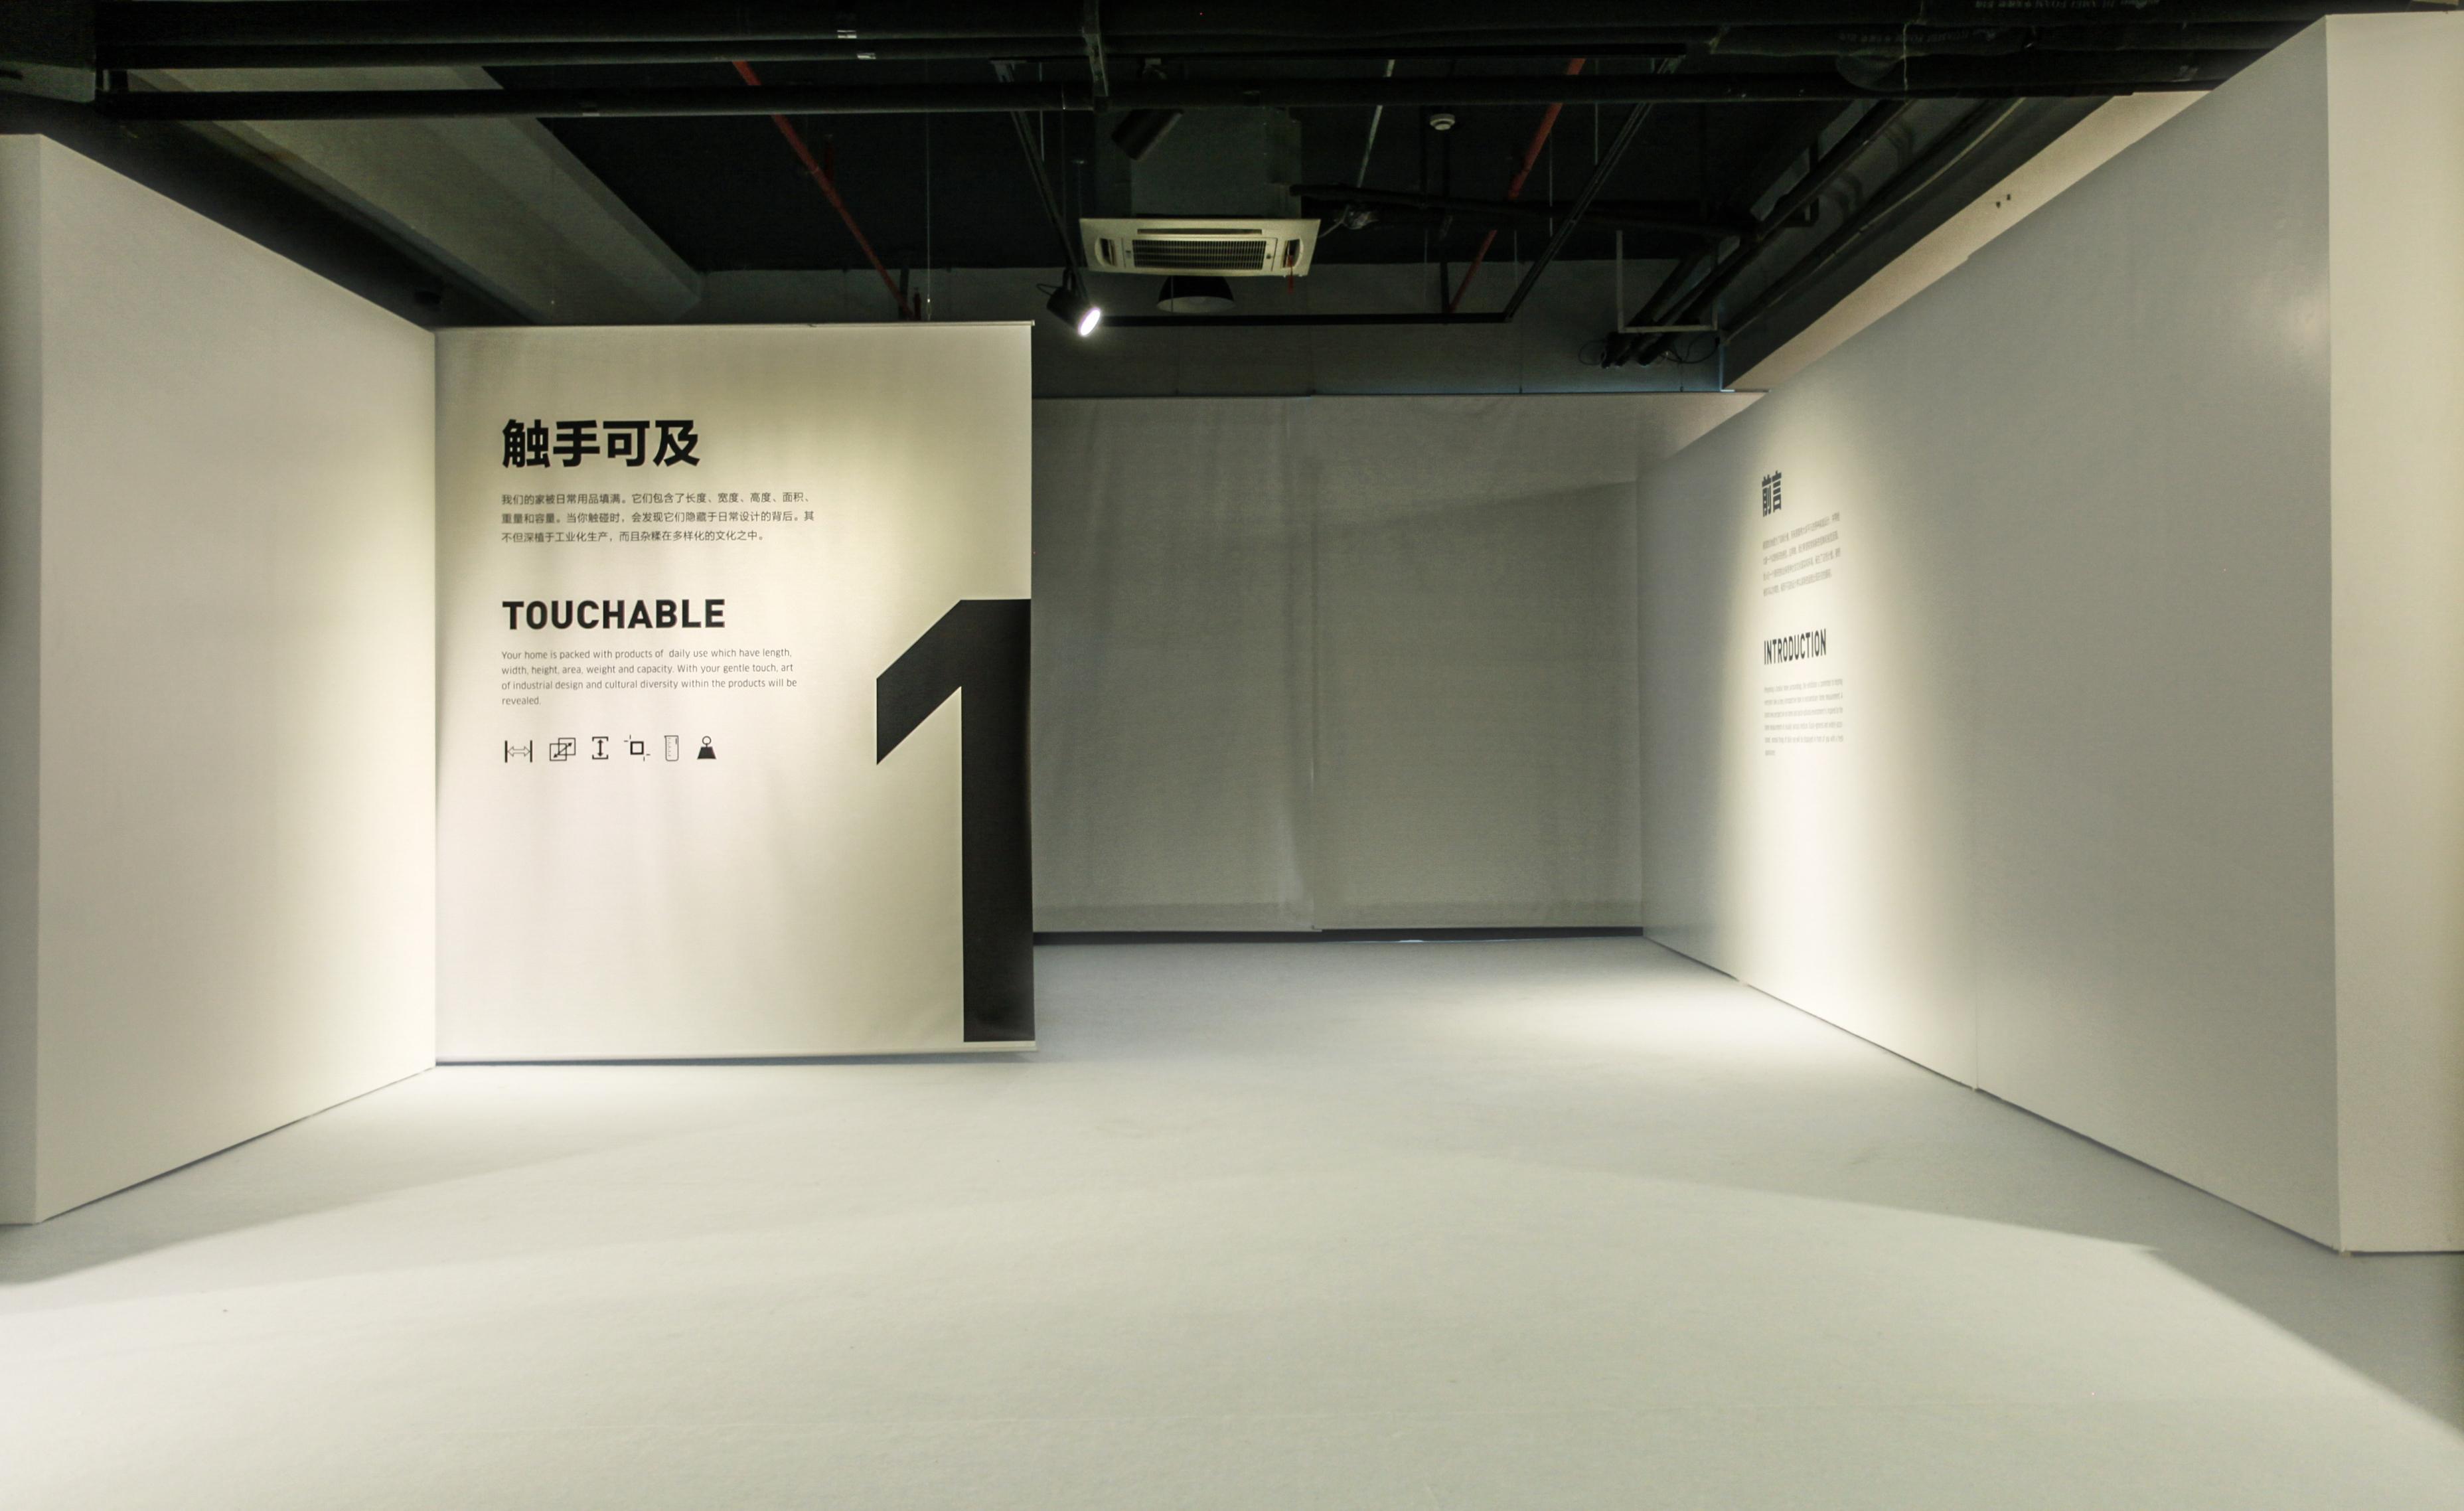 2016 年,全球有哪些重要的展览值得关注? - 知乎